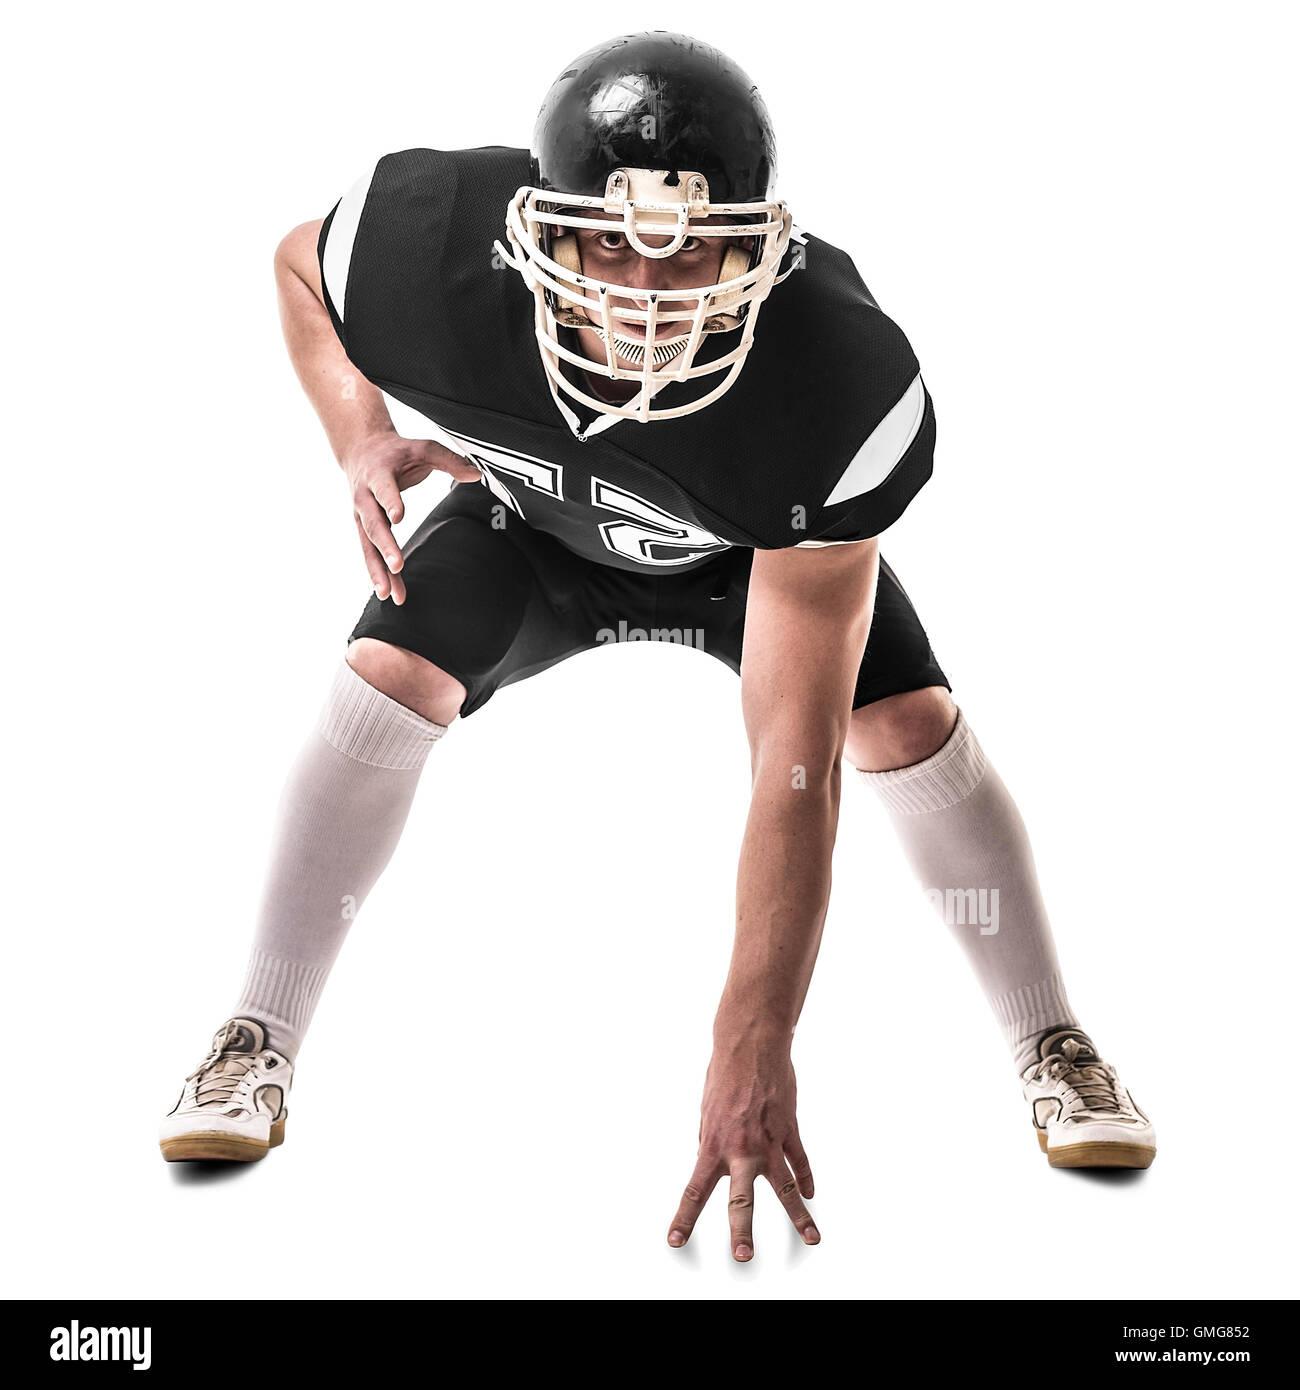 Giocatore di football americano isolato su sfondo bianco Immagini Stock